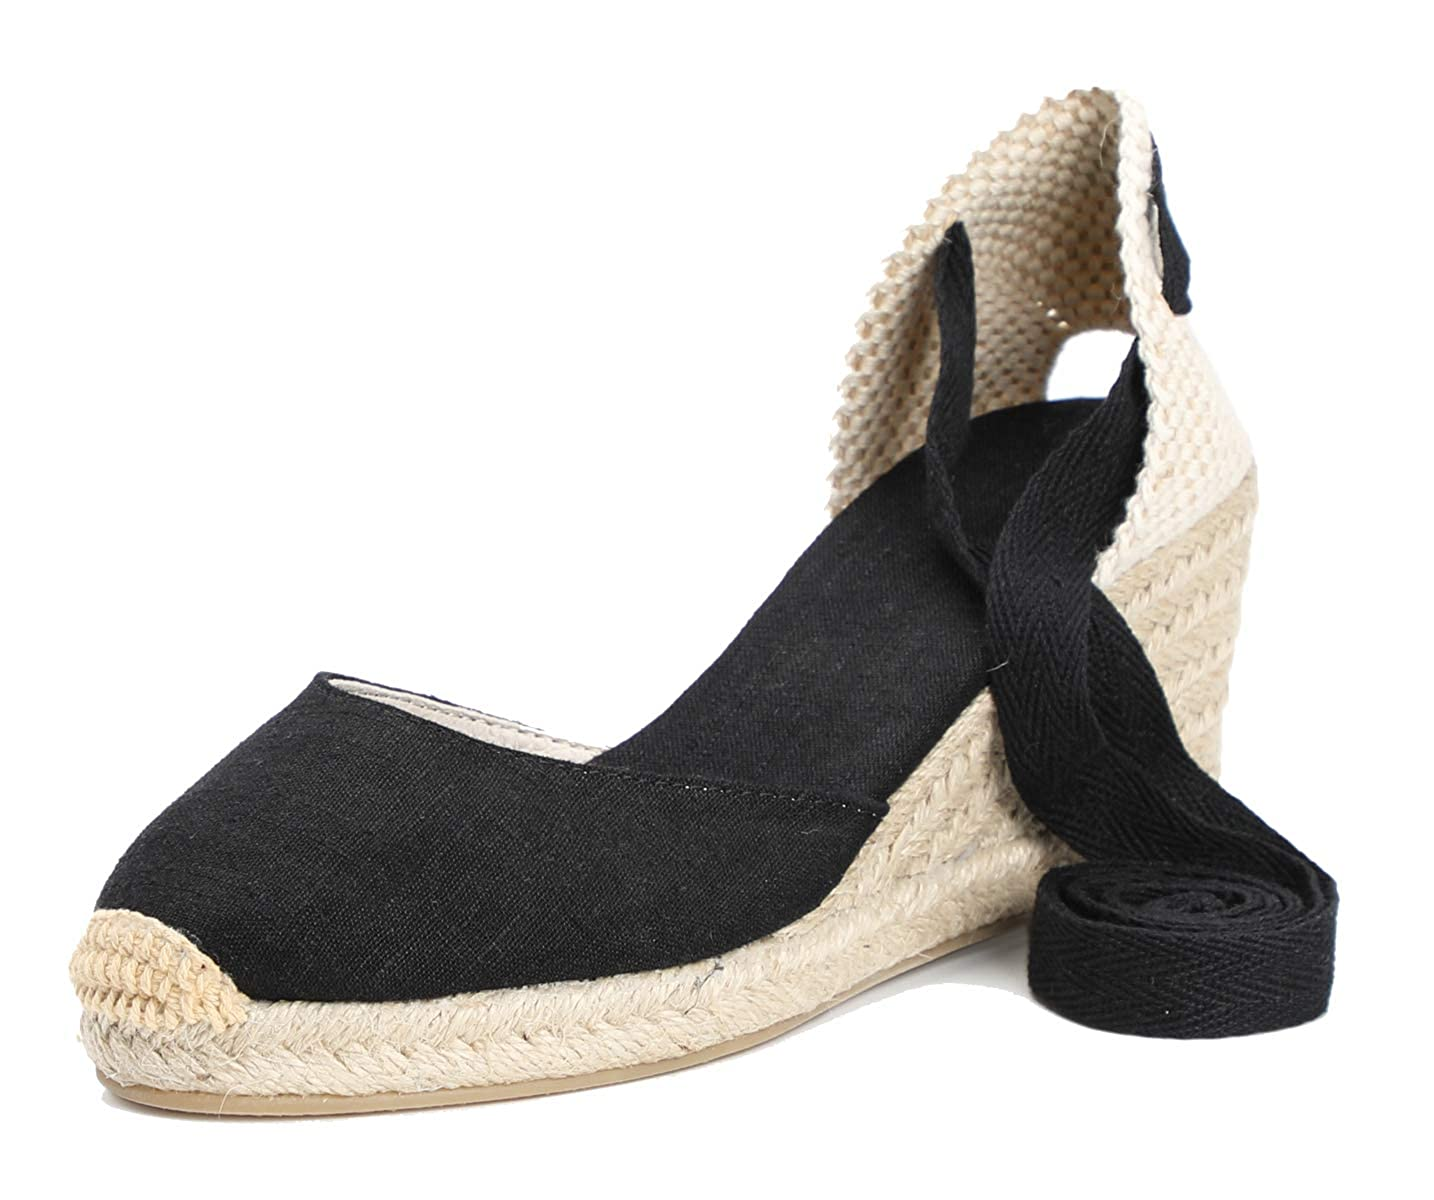 Black--2.5  Heel U-lite 3  Cap Toe Platform Wedges Sandals Women, Classic Soft Ankle-Tie Lace up Espadrilles shoes